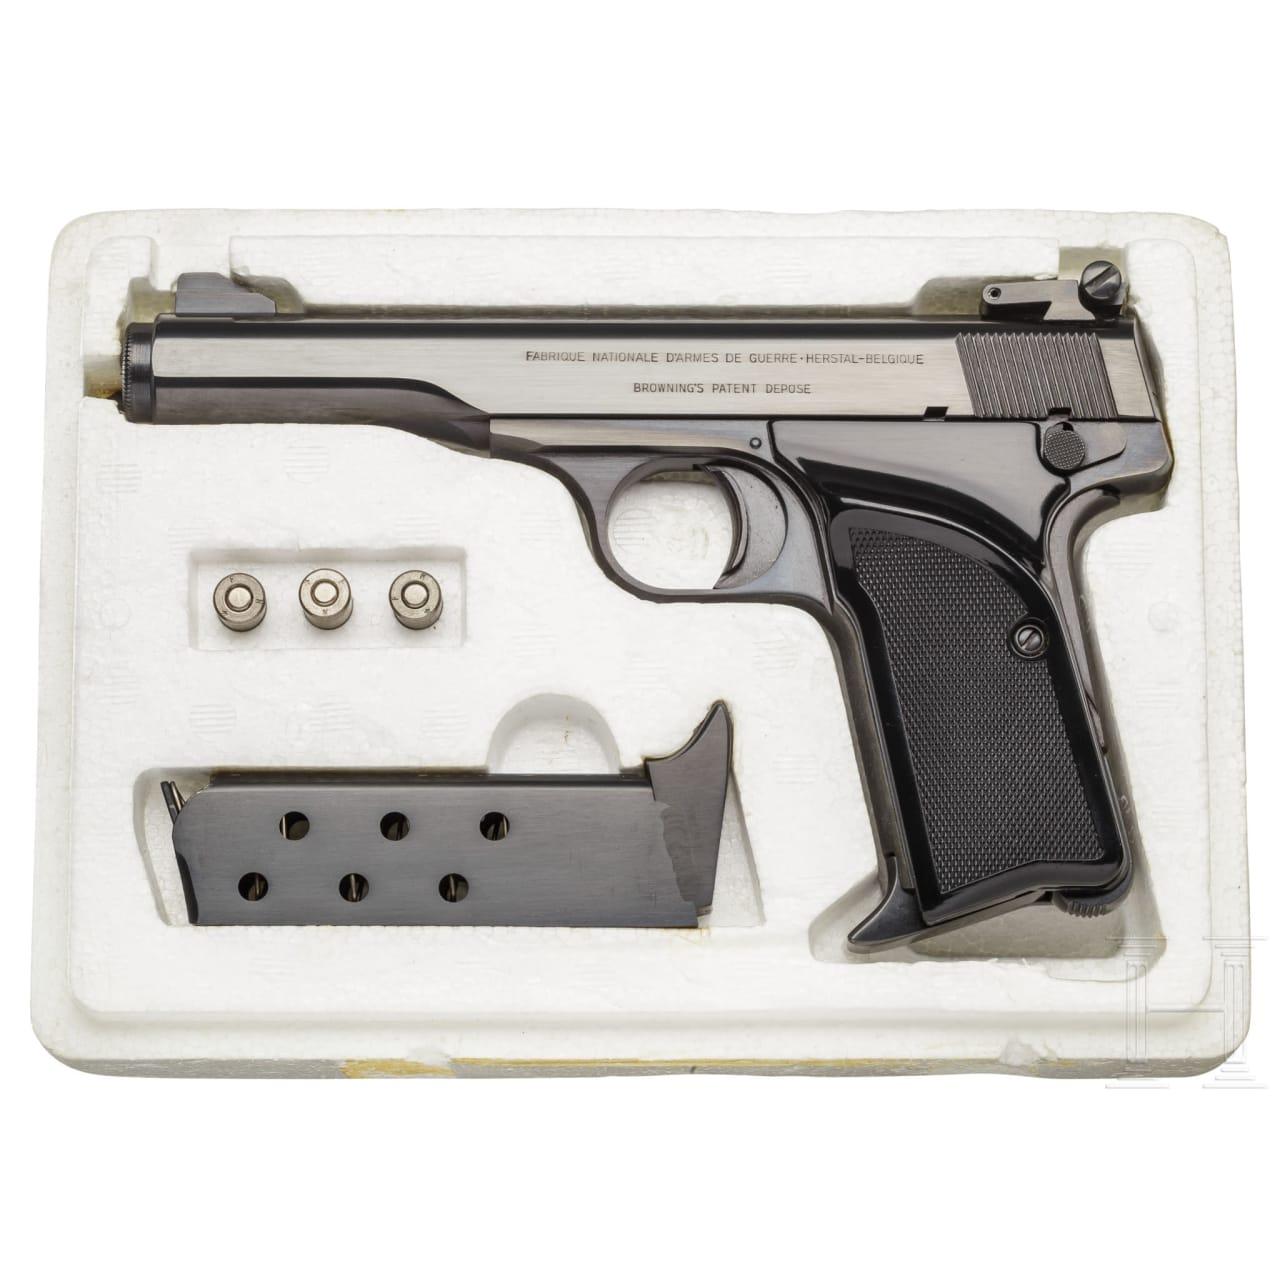 FN Mod. 130, in Box